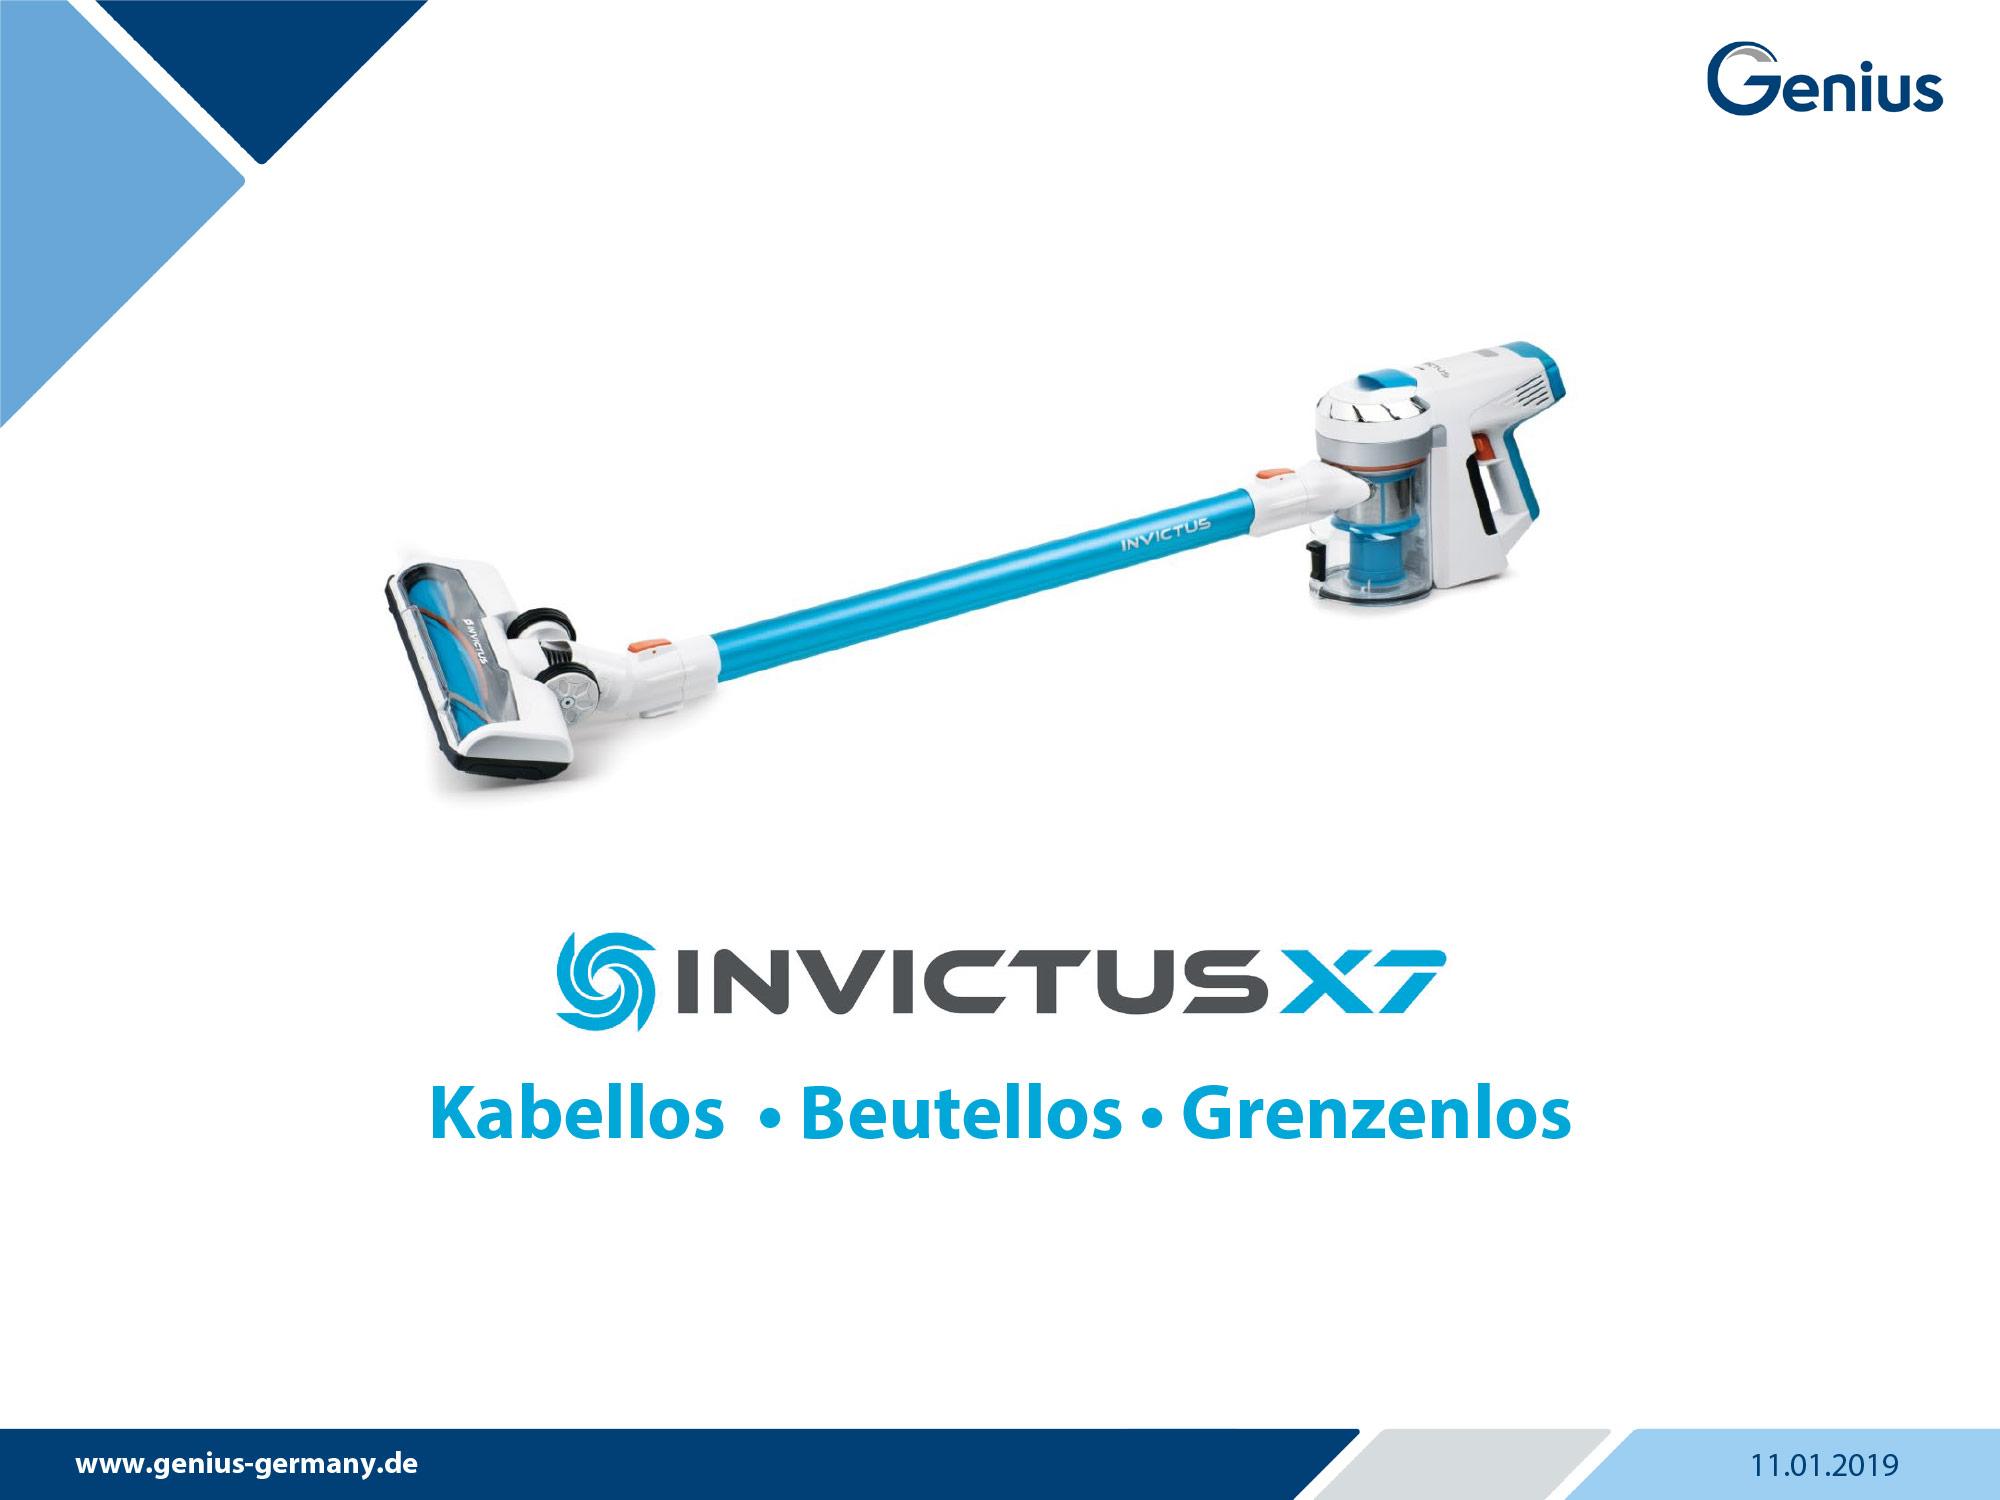 Genius InvictusX7